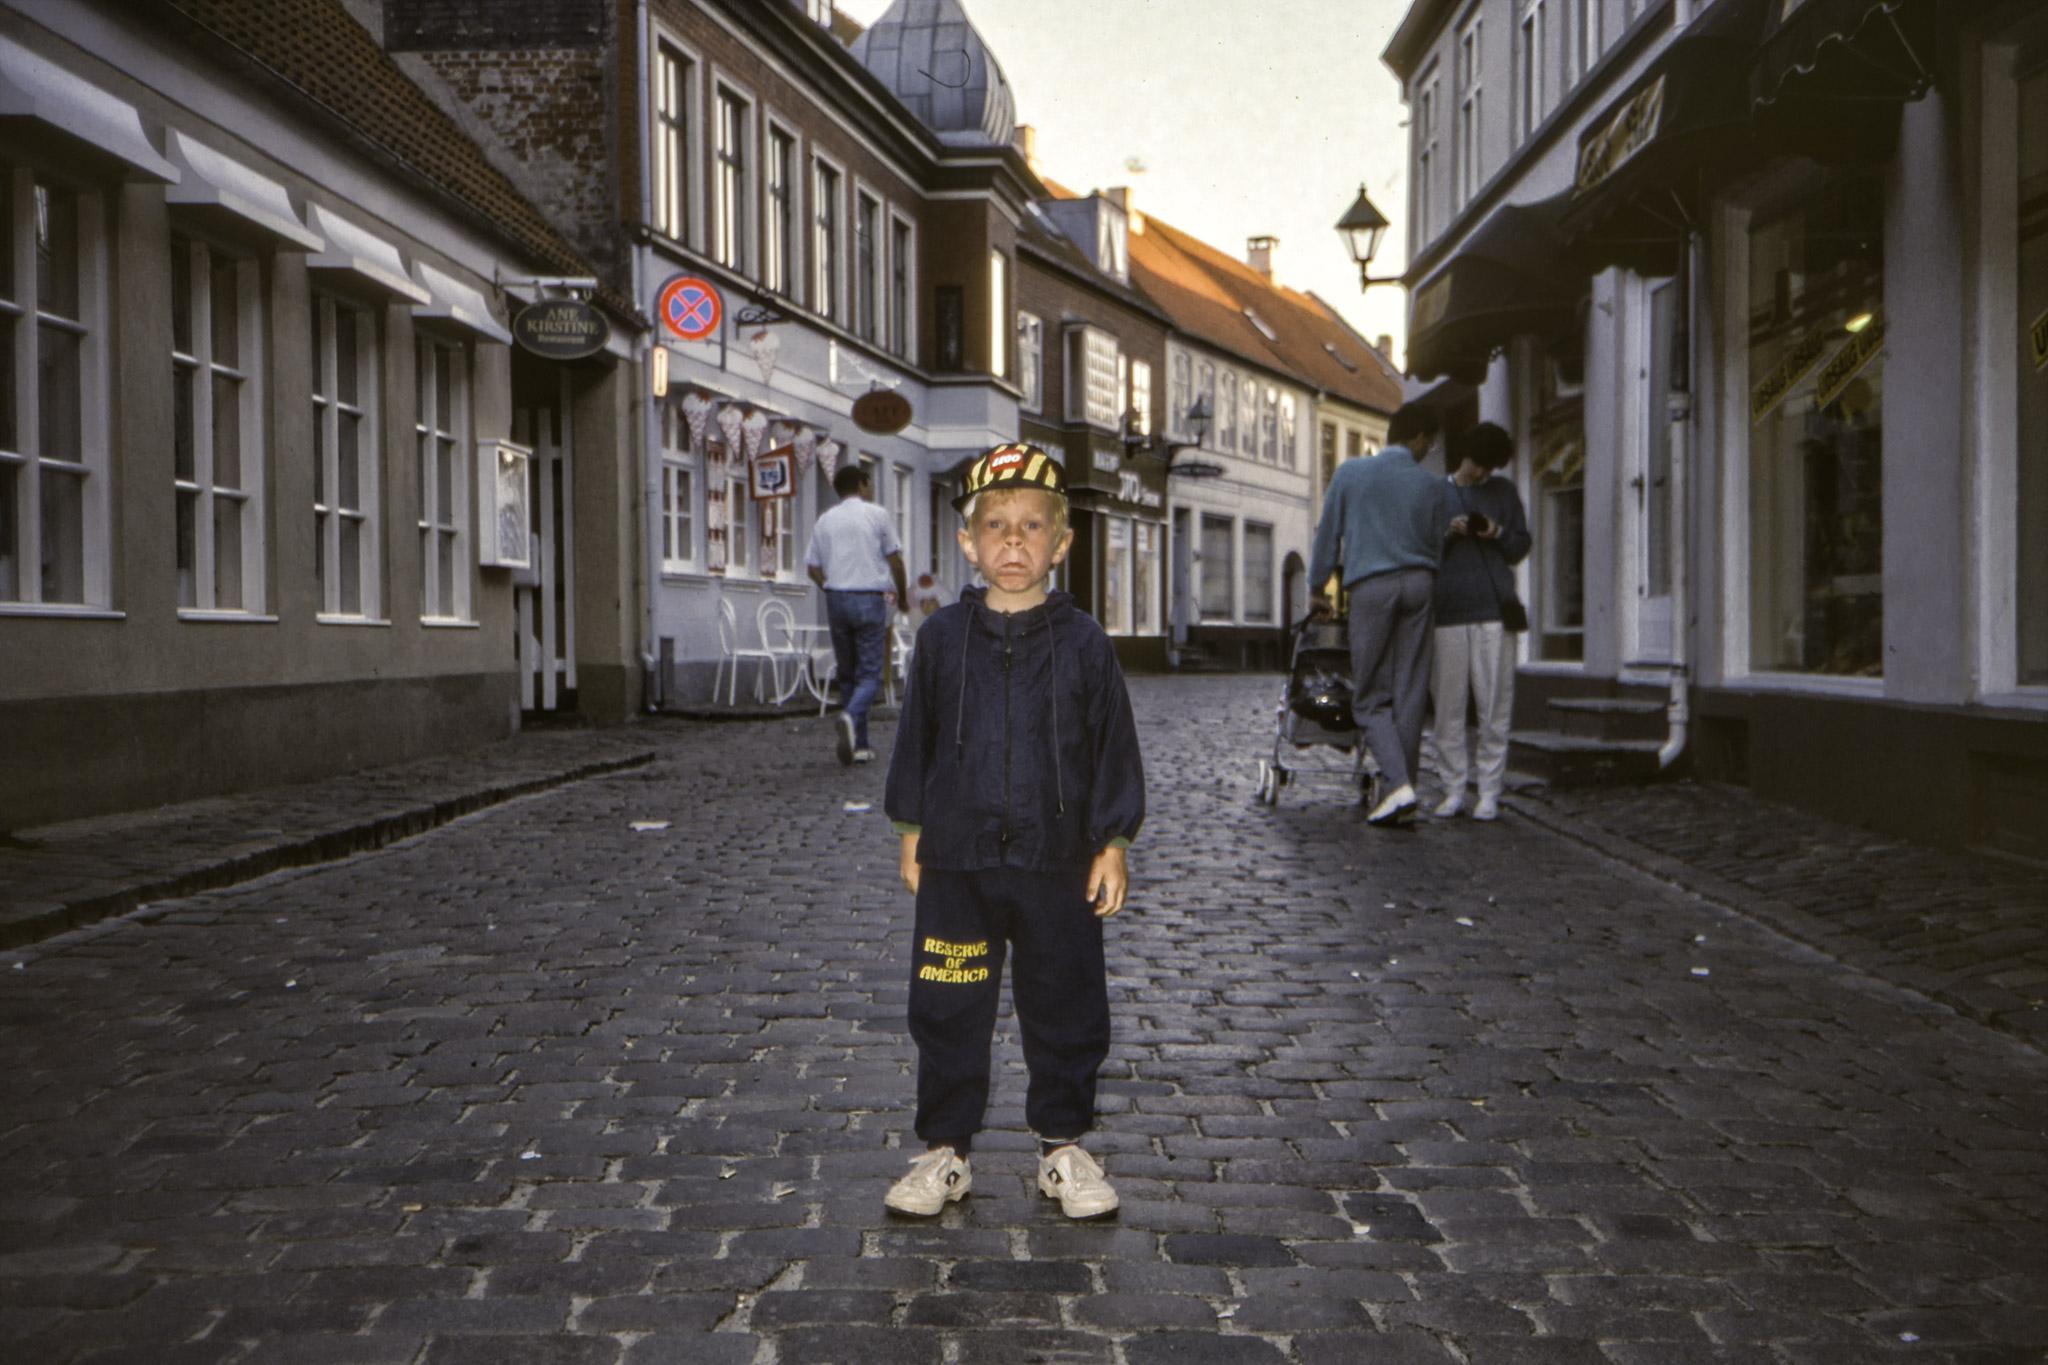 Arvid mitt i gatan står.